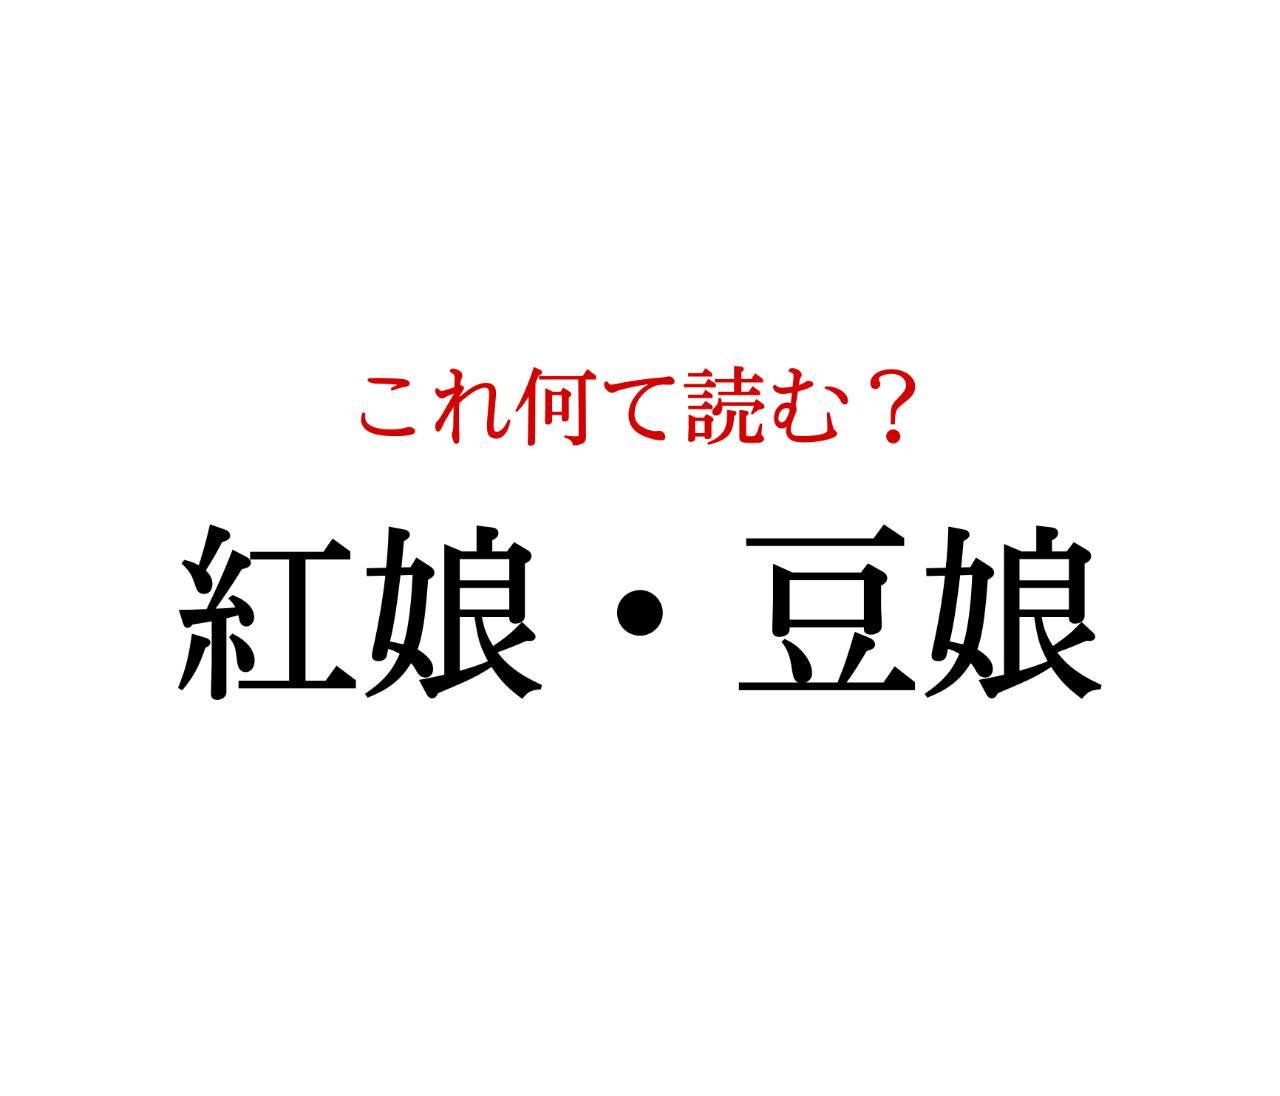 「紅娘」「豆娘」:この漢字、自信を持って読めますか?【働く大人の漢字クイズvol.121】